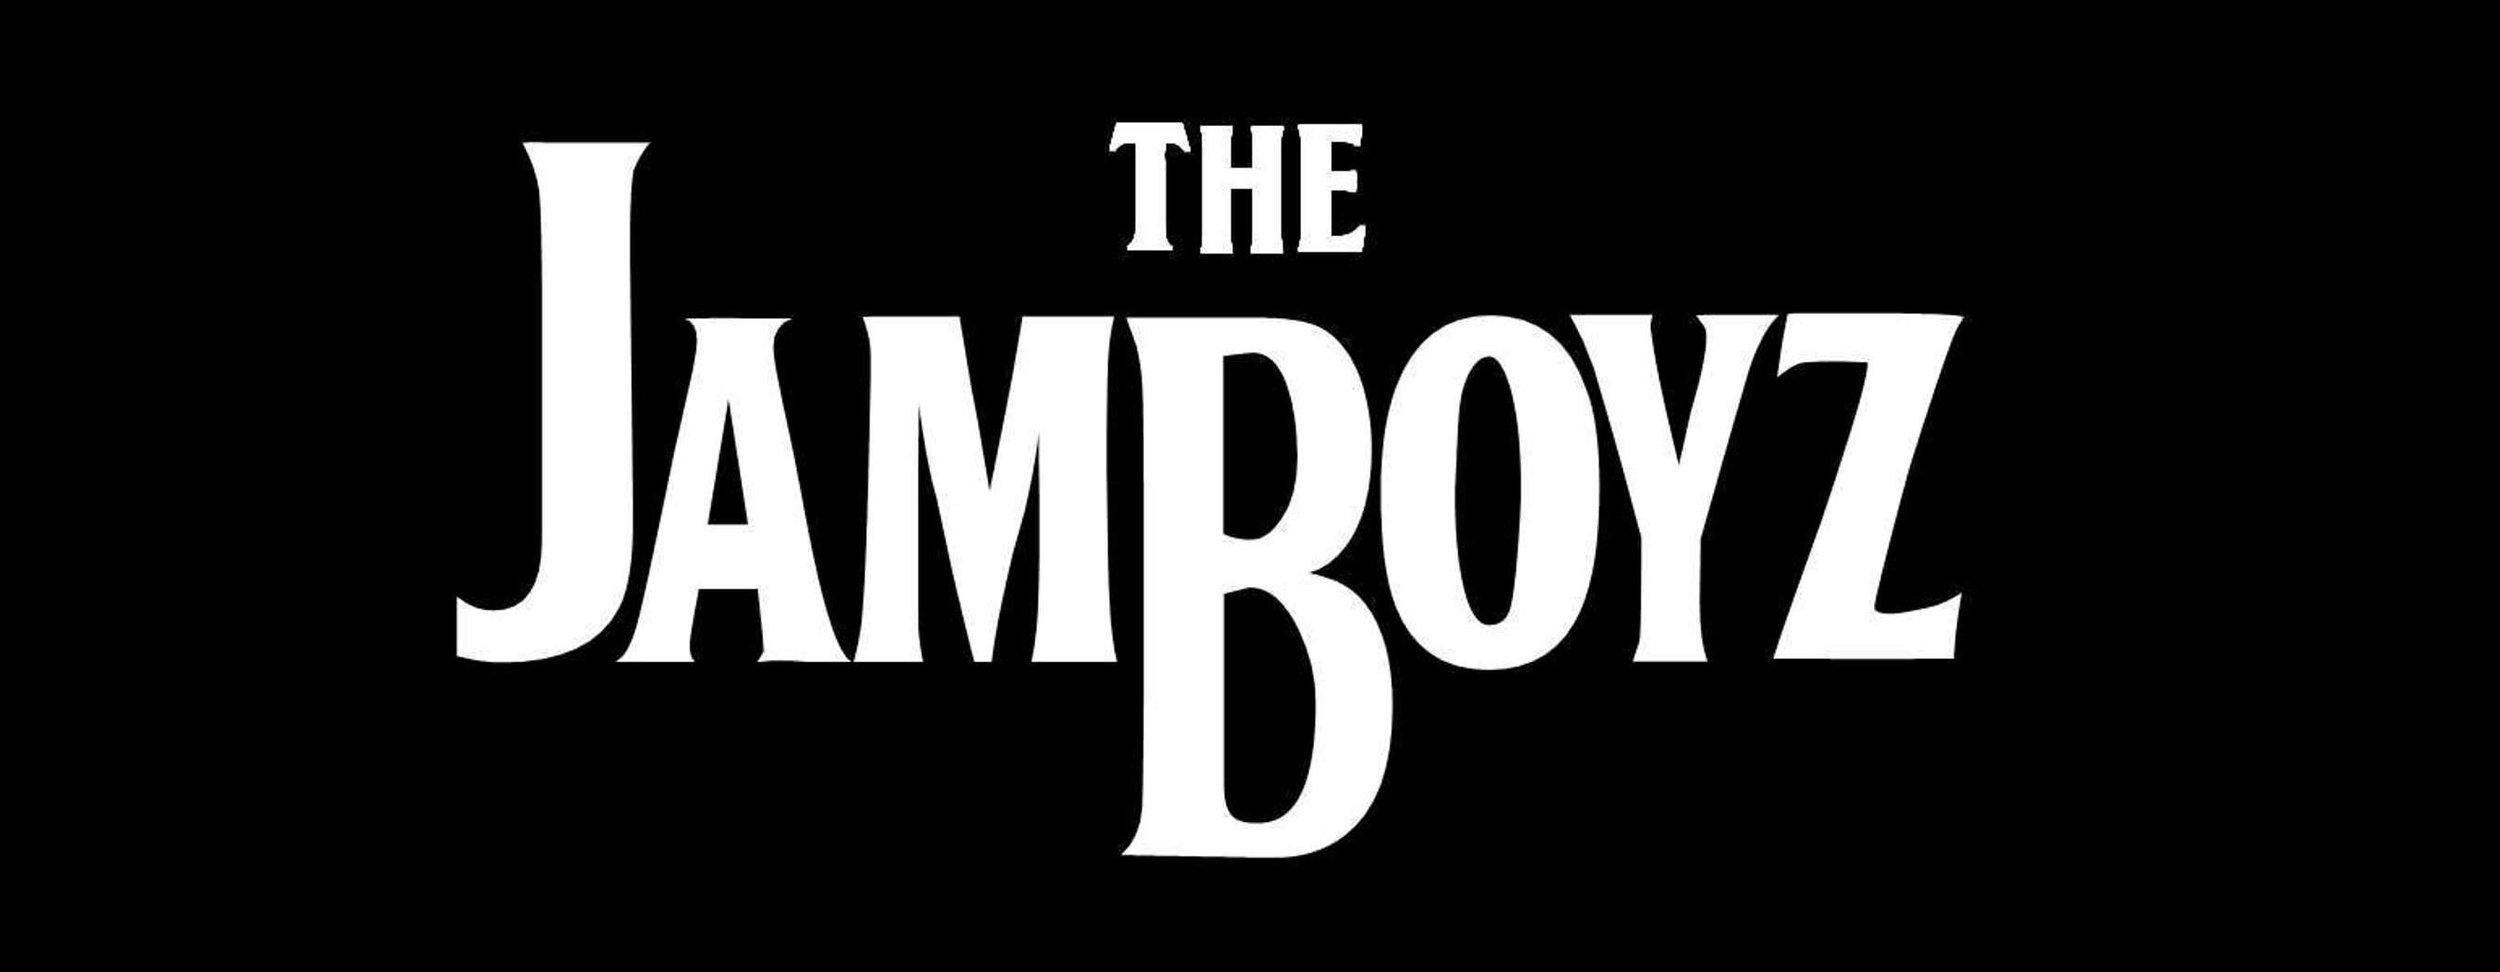 jam-boyz-live-music-wow!-Zone-friday